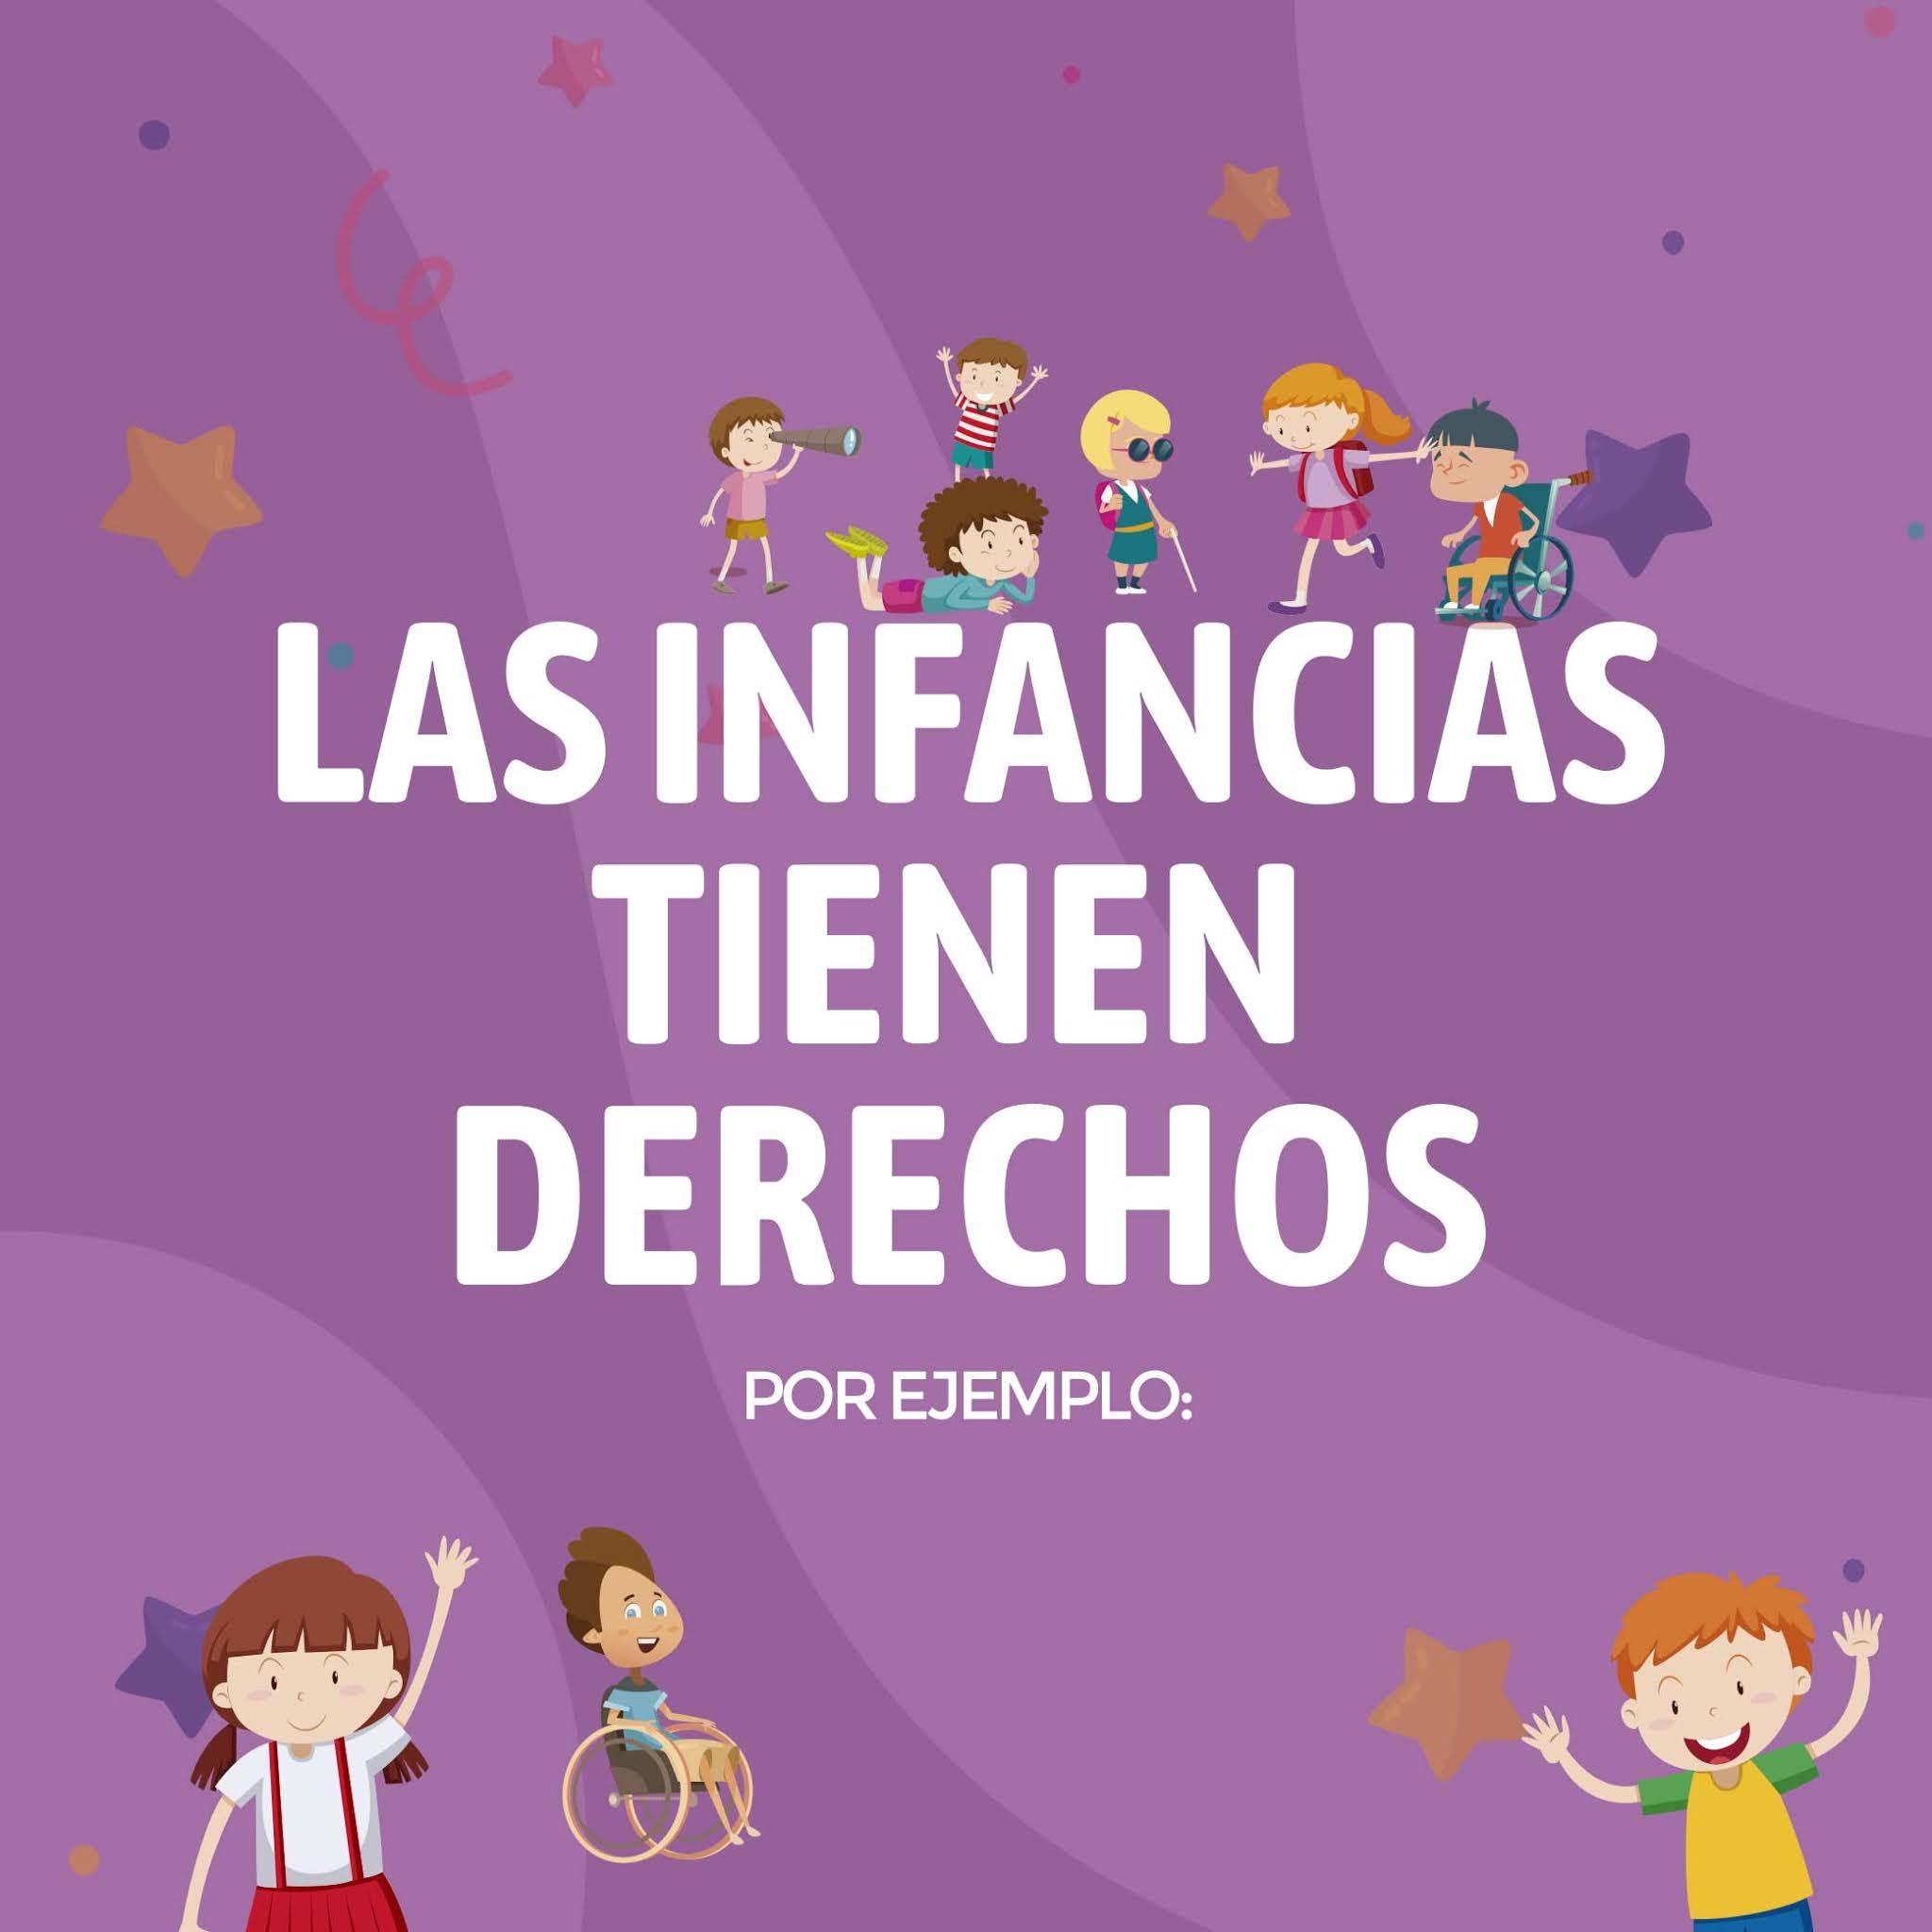 LAS INFANCIAS SON DIVERSAS Y TIENEN DERECHOS, Y AQUÍ RECORDAMOS ALGUNOS...